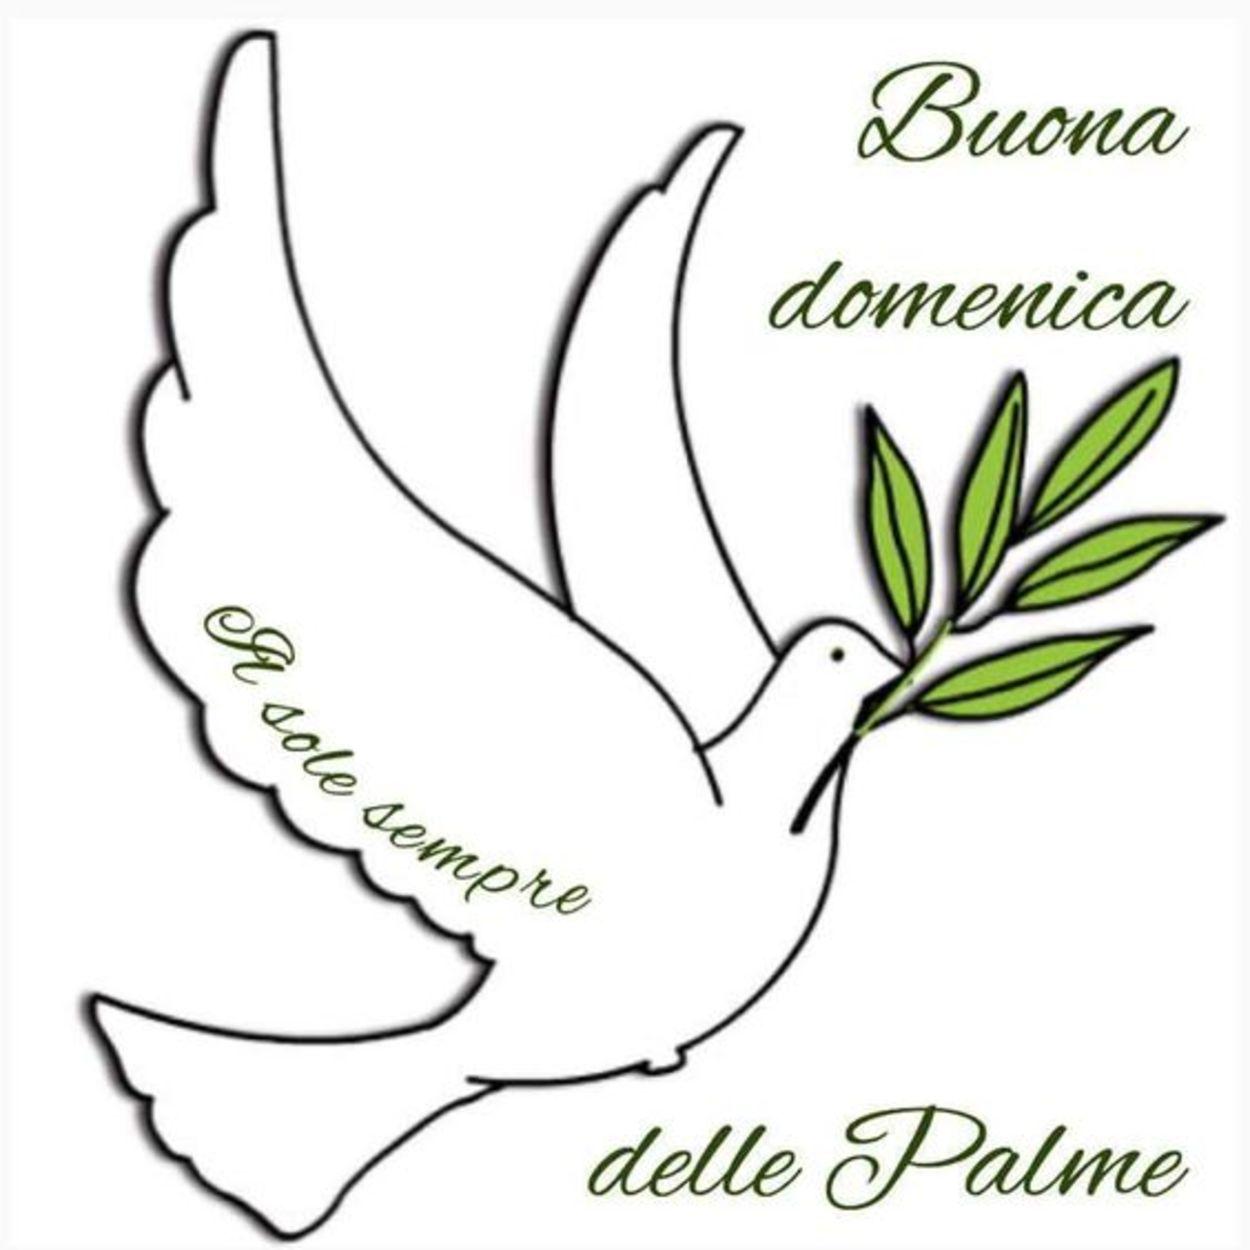 Buona Domenica delle Palme 113